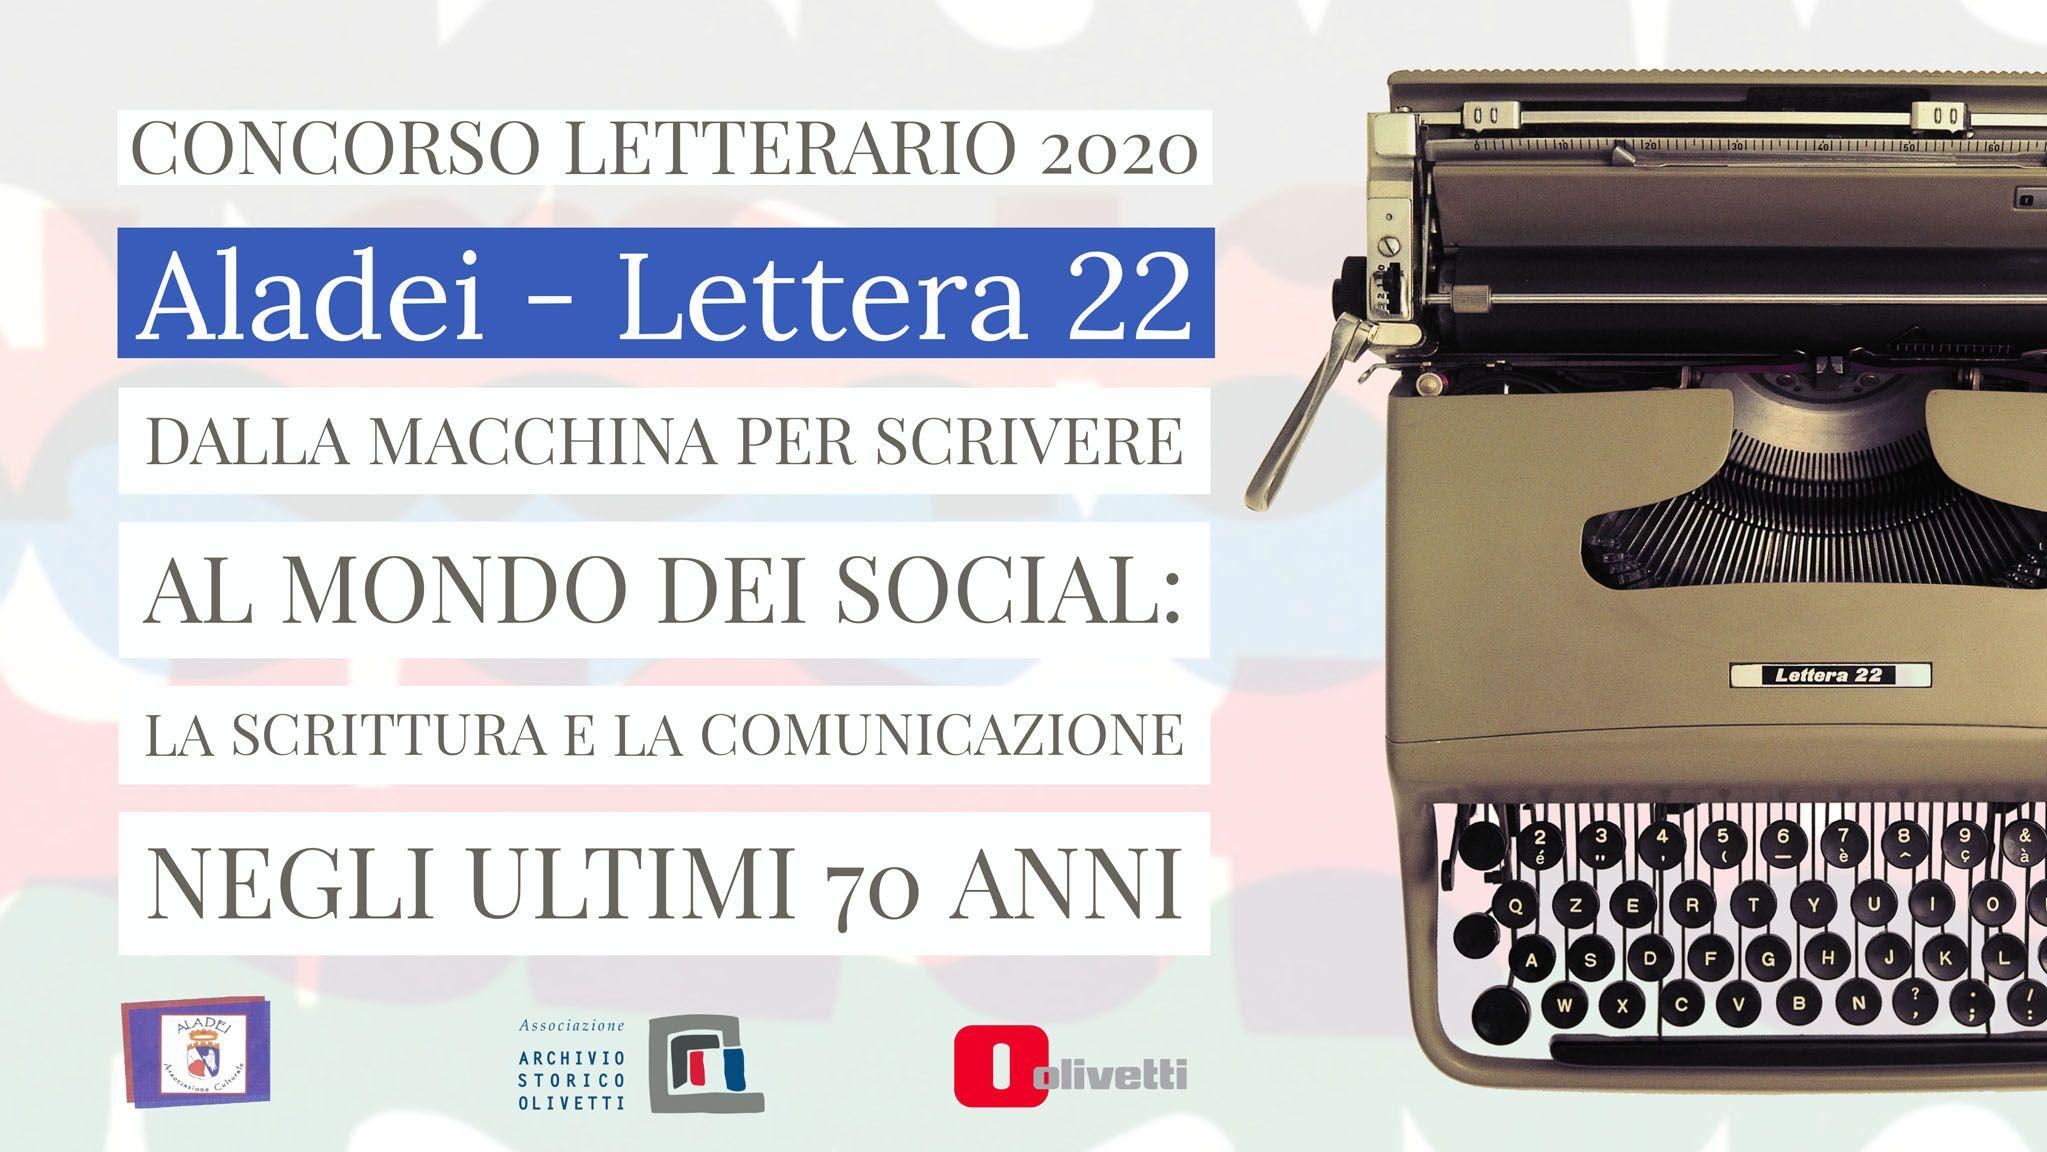 AGLIE' - Un concorso letterario celebra la mitica «Lettera22» Olivetti